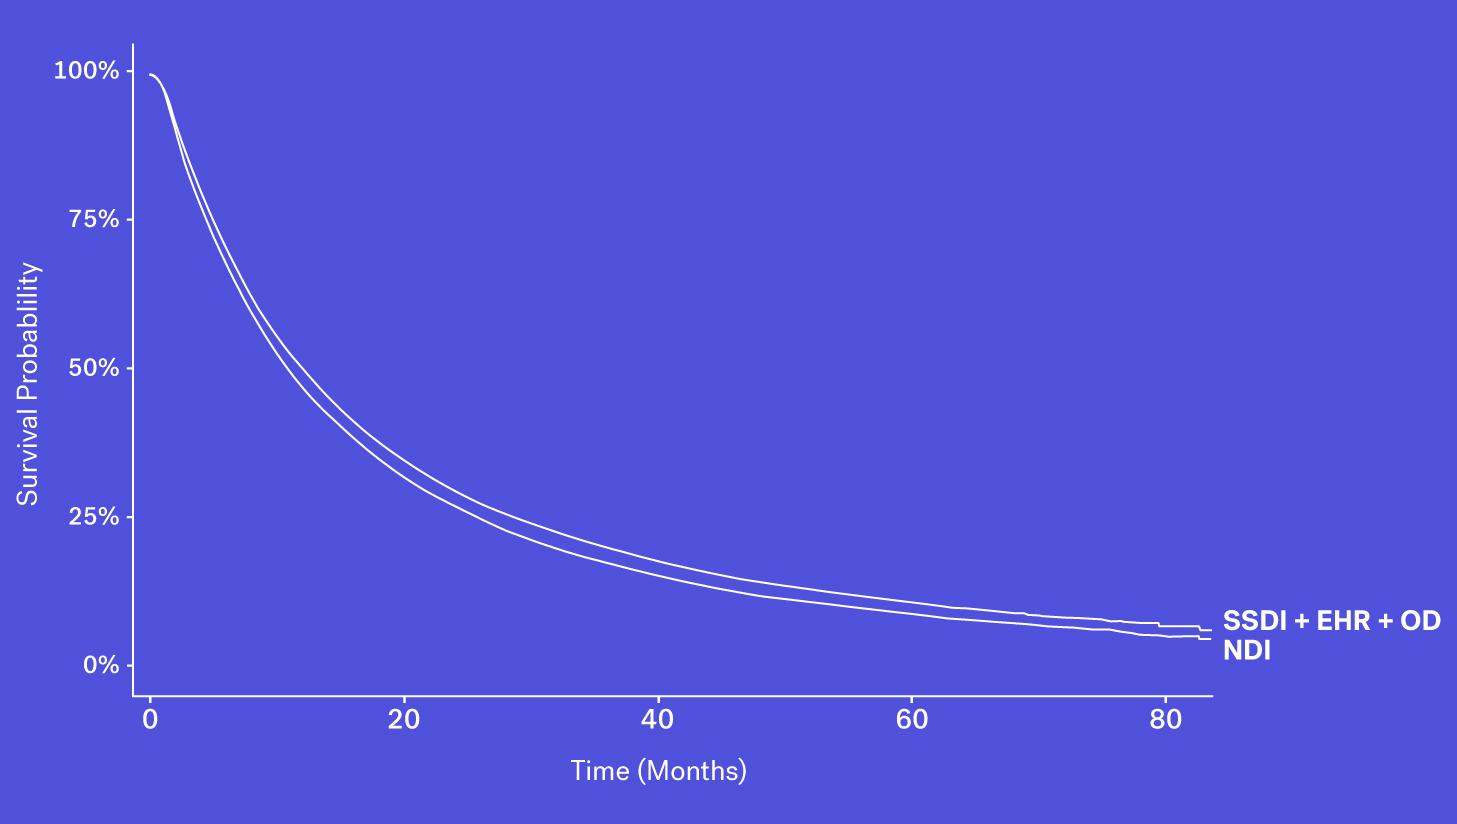 Flatiron_Mortality_Variable_combo-mobile-02